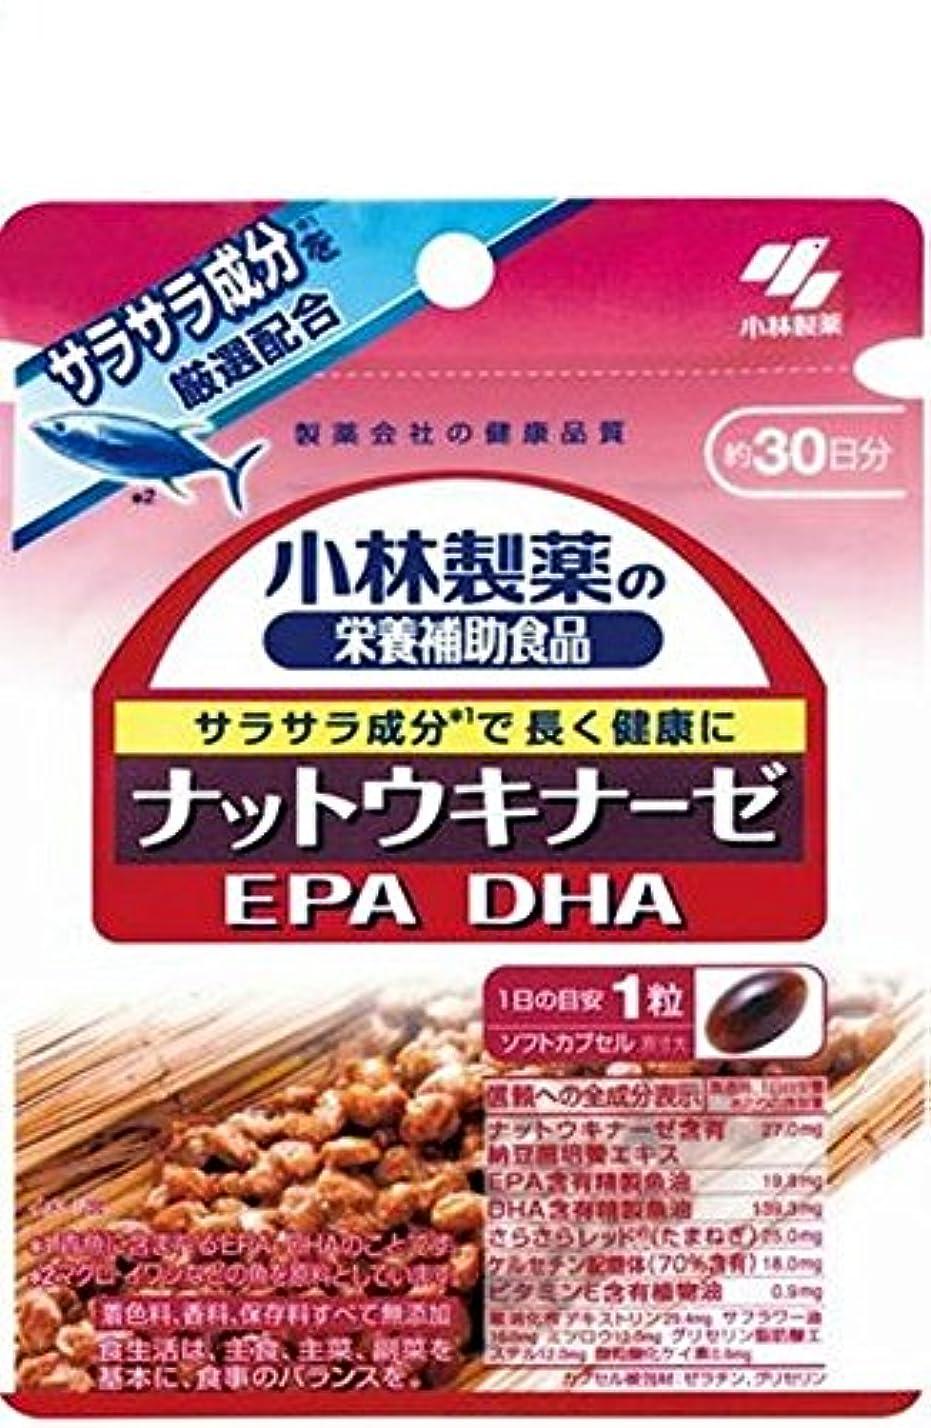 立ち向かう引き渡す法王小林製薬 小林製薬の栄養補助食品ナットウキナーゼ?DHA?EPA30粒×2